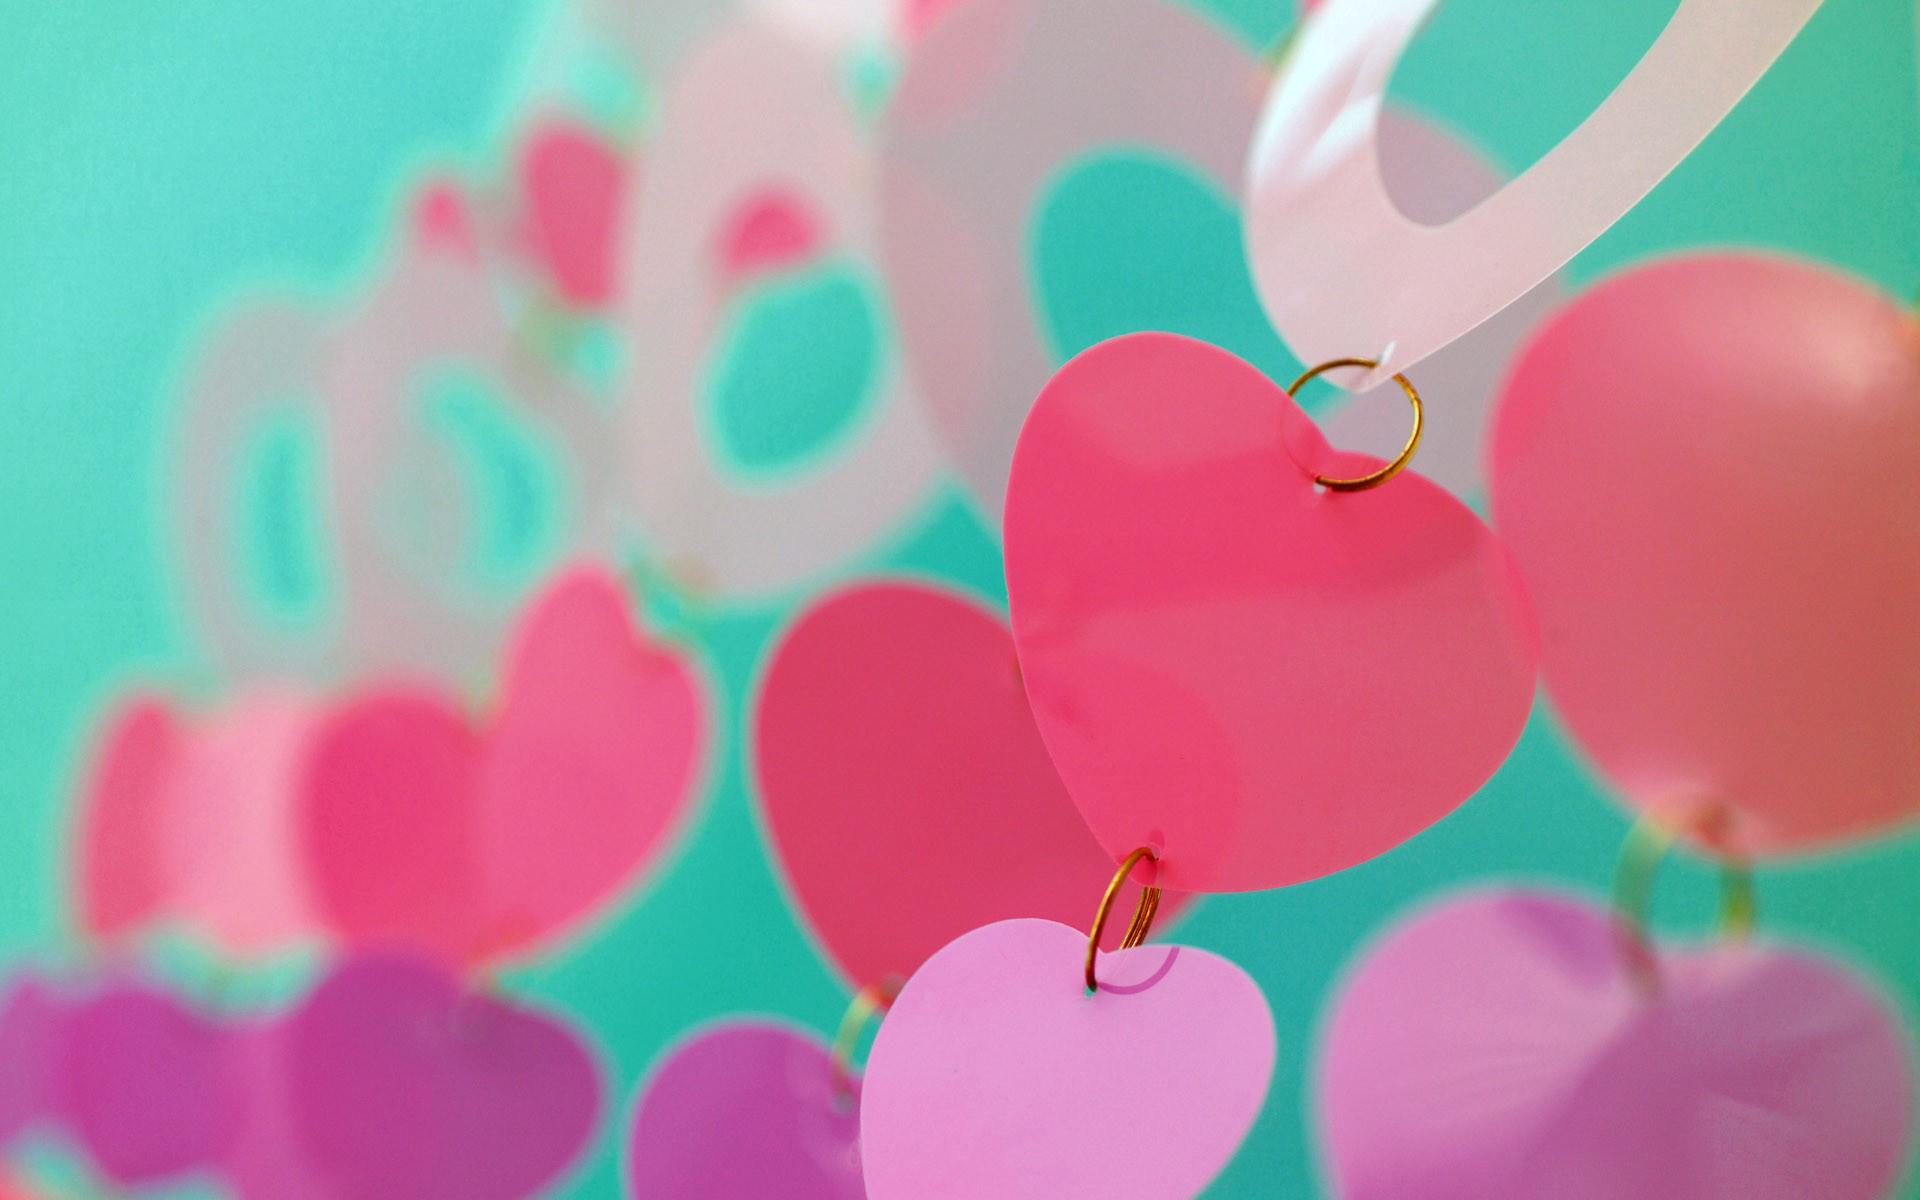 Hd wallpaper cute - Cute Love Wallpaper 3217 Wallpaper Wallpaperstube Com